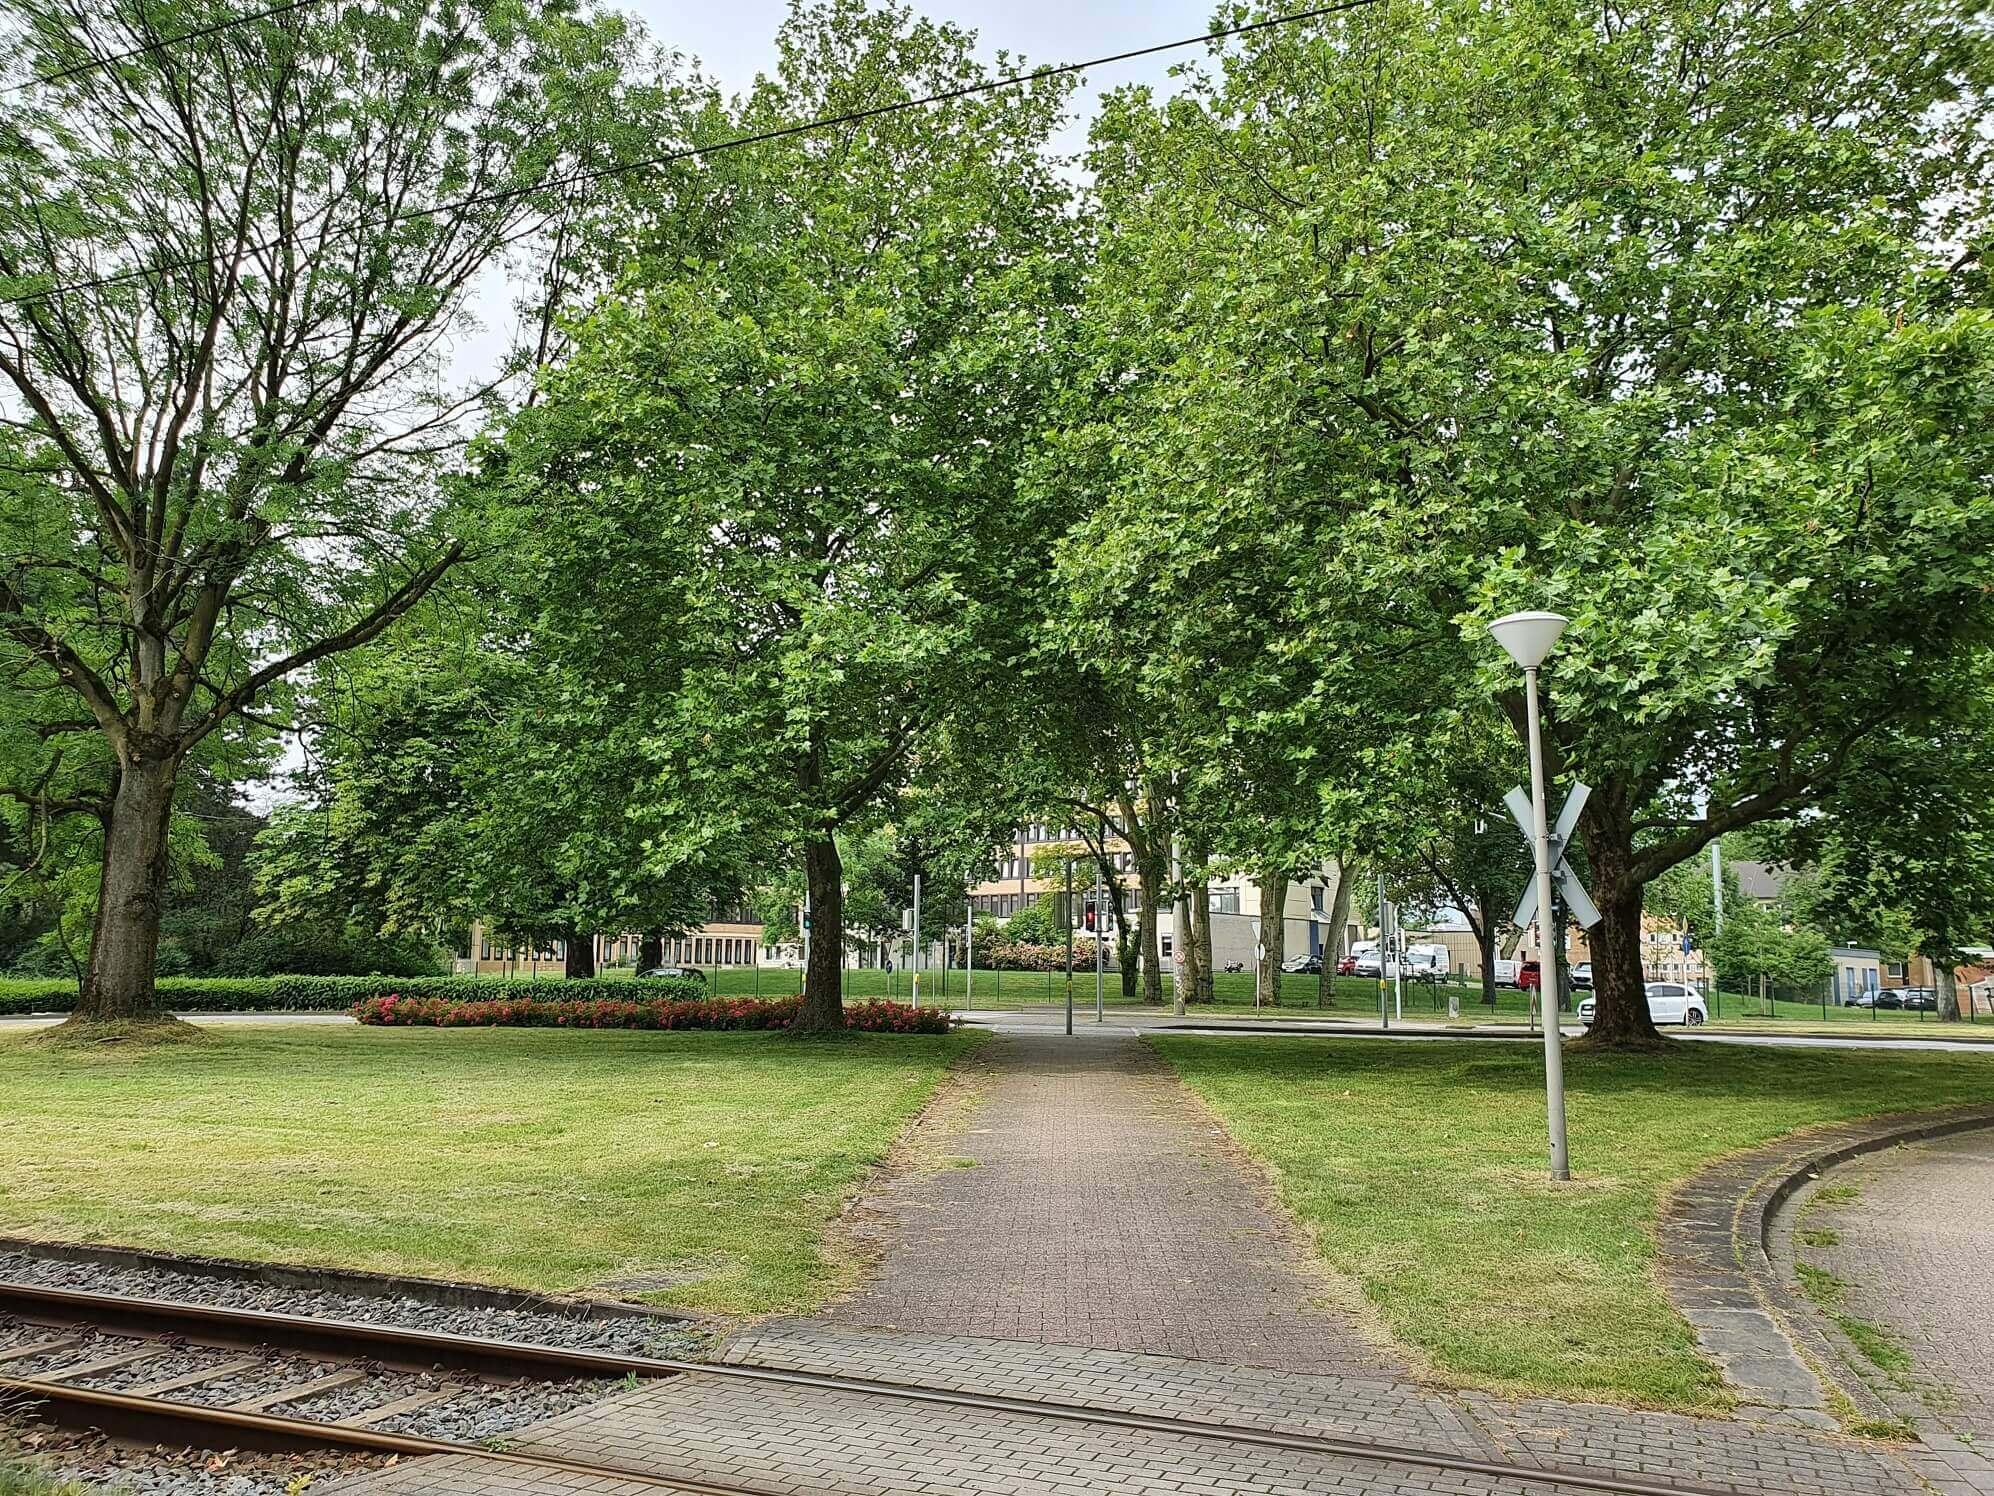 Ein Bahnübergang in mitten einer Grünfläche im Innenstadtbereich.